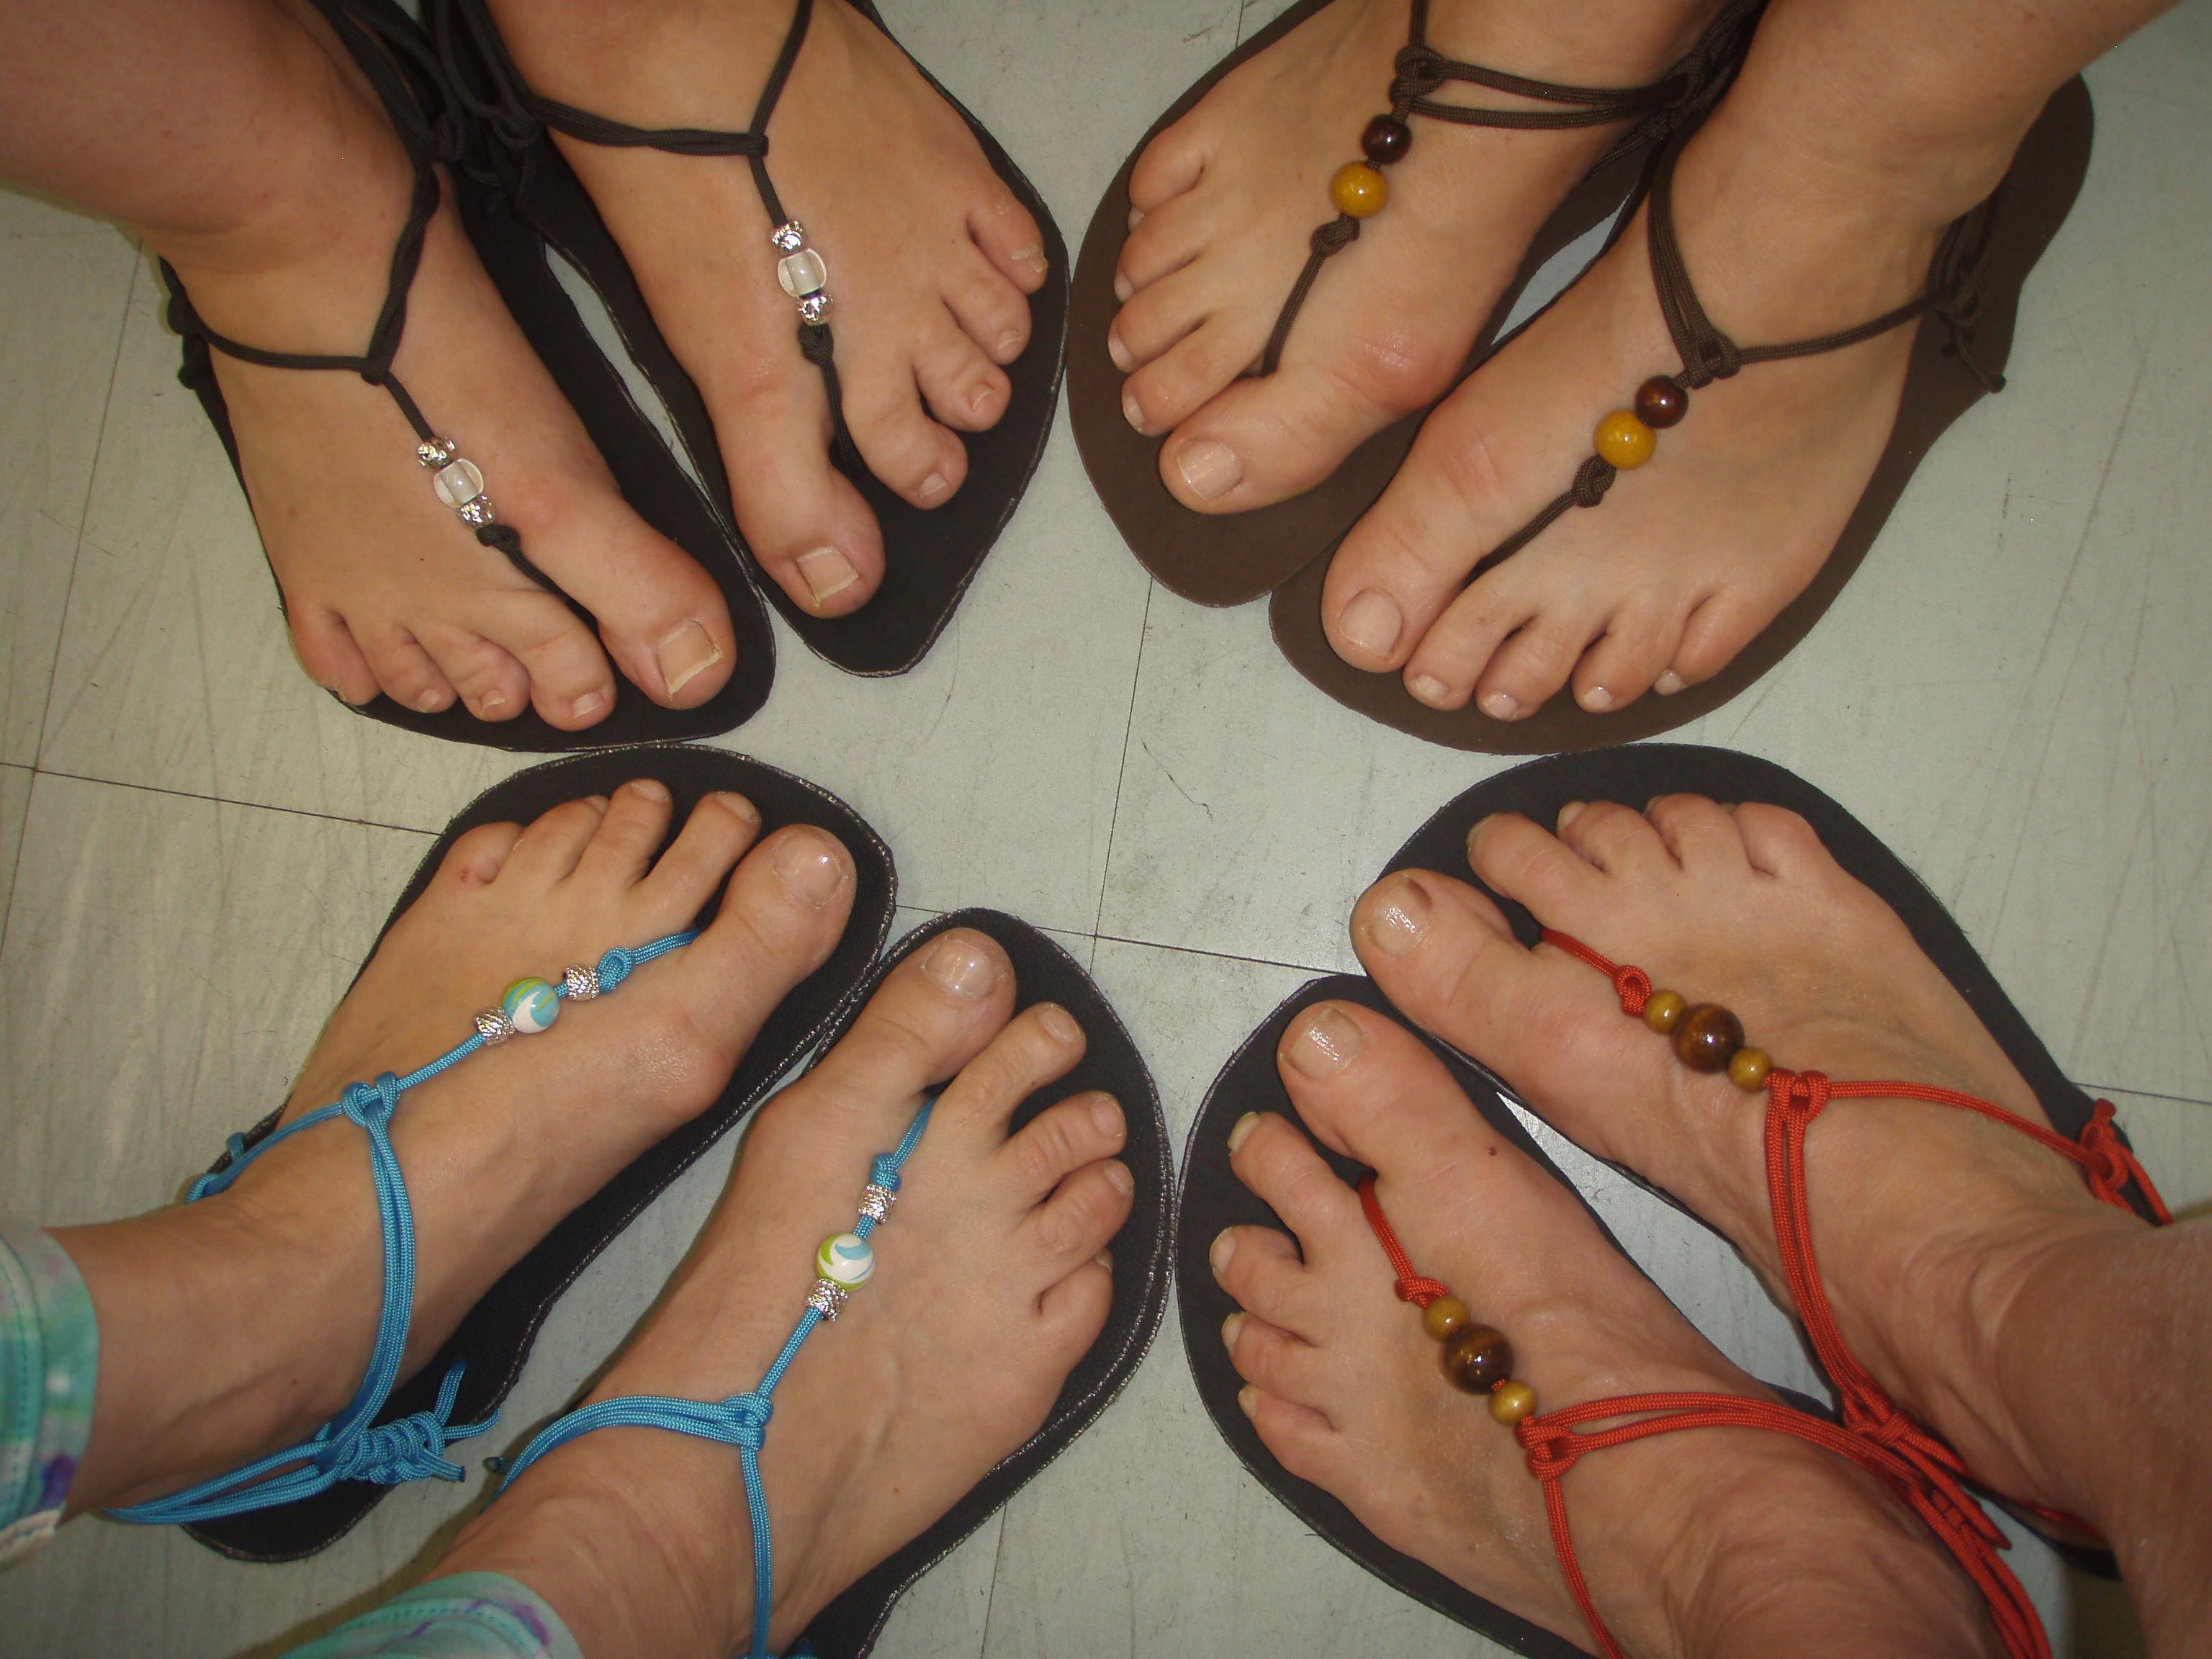 chodící malé nohy indická rychlost datování johannesburg